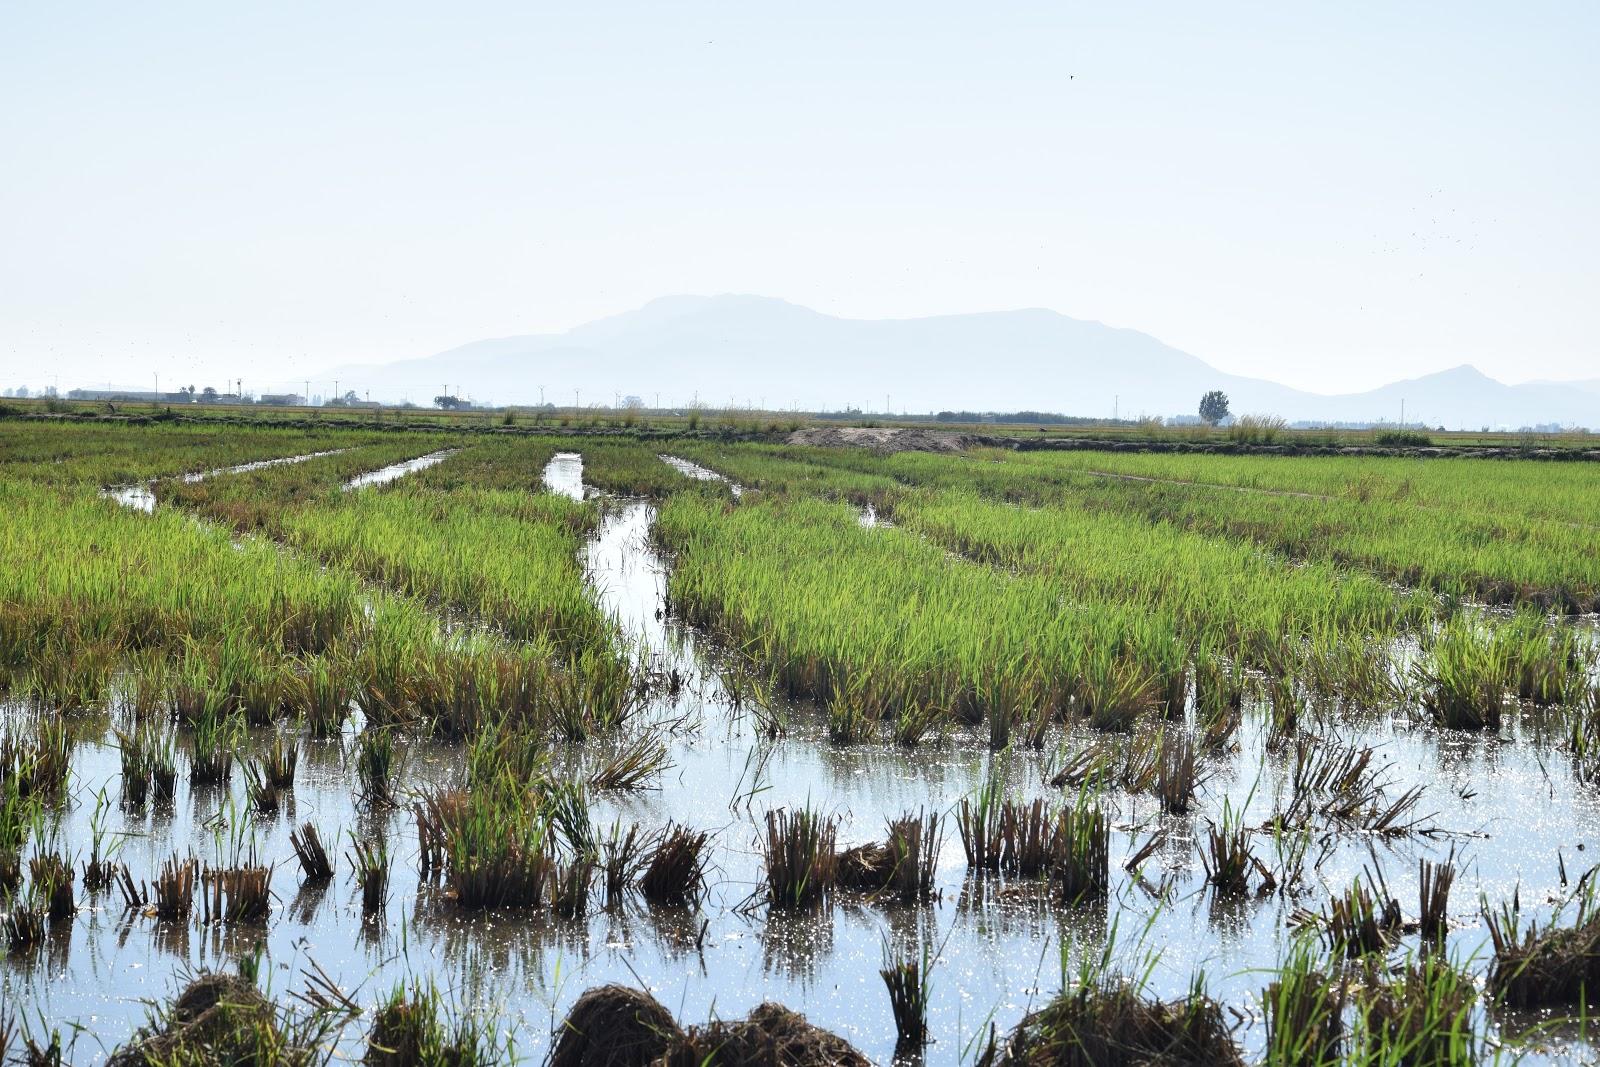 Rowerem wśród flamingów i pól ryżowych